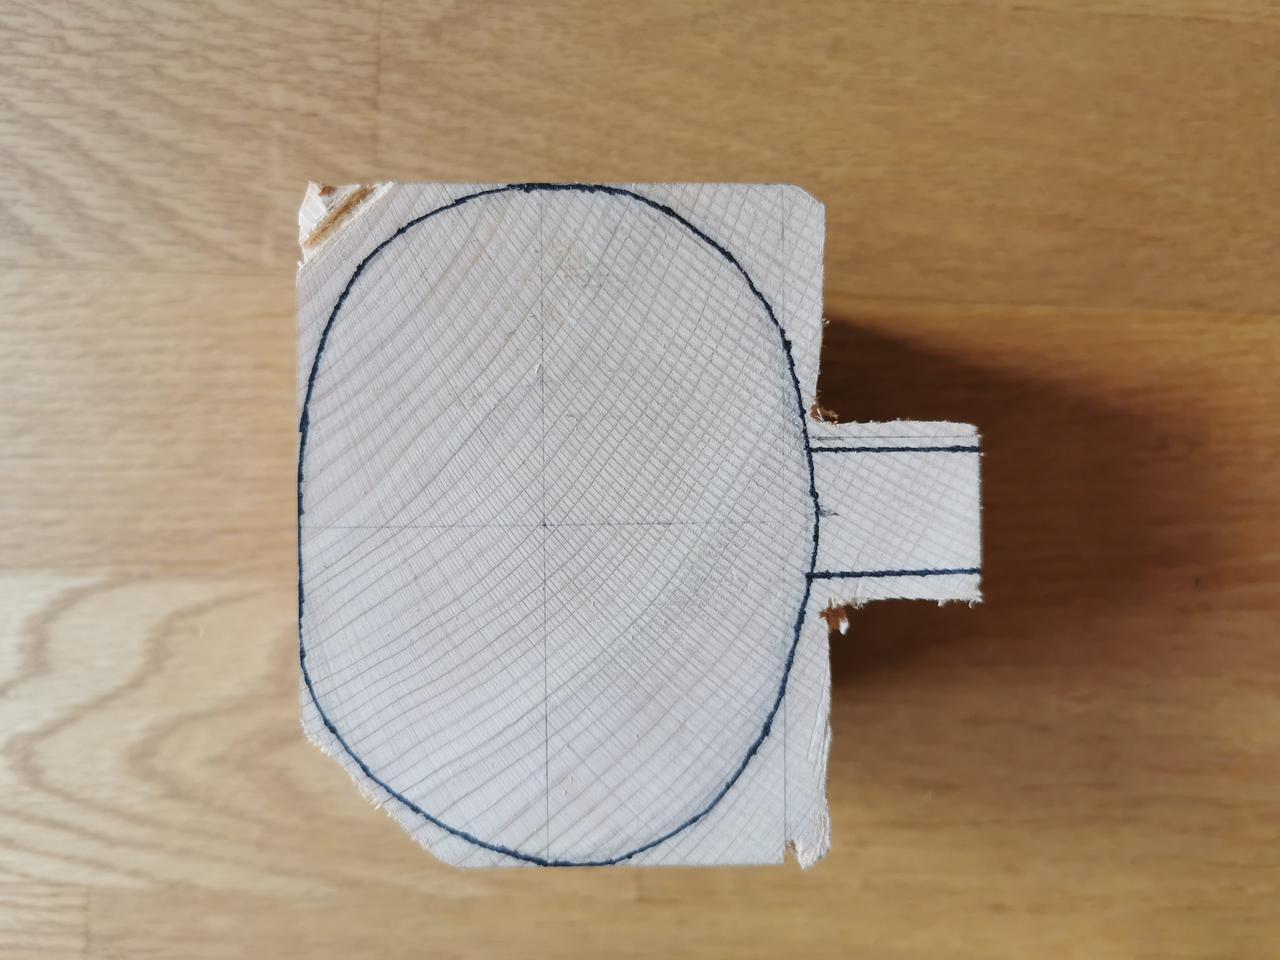 画像: 無理しないようにカップの丸い部分を荒削りします (筆者撮影)